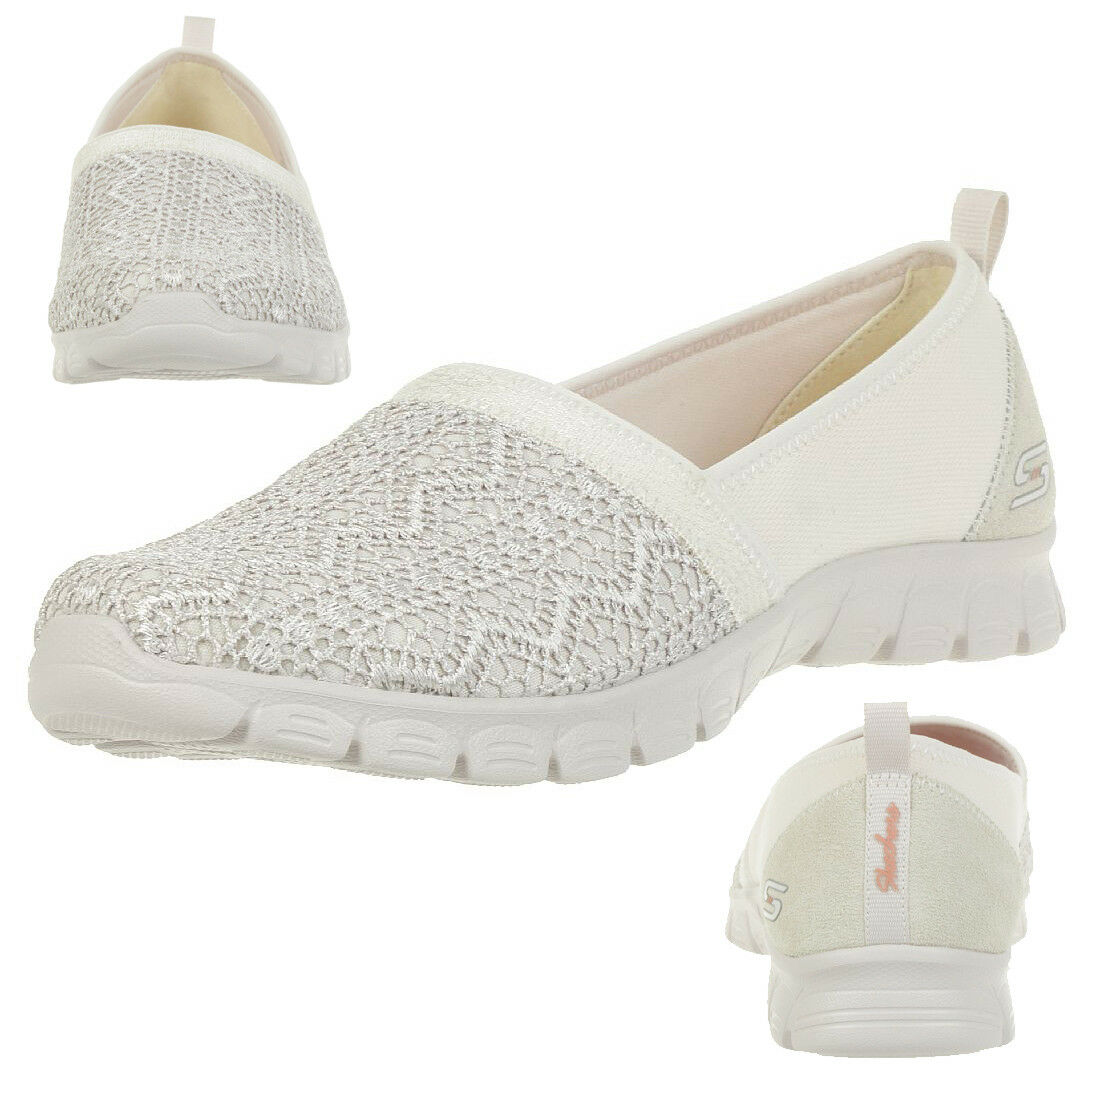 Skechers Ez Flex 3.0 Duches femmes chaussures D'Été à Enfiler Mocassins Nat